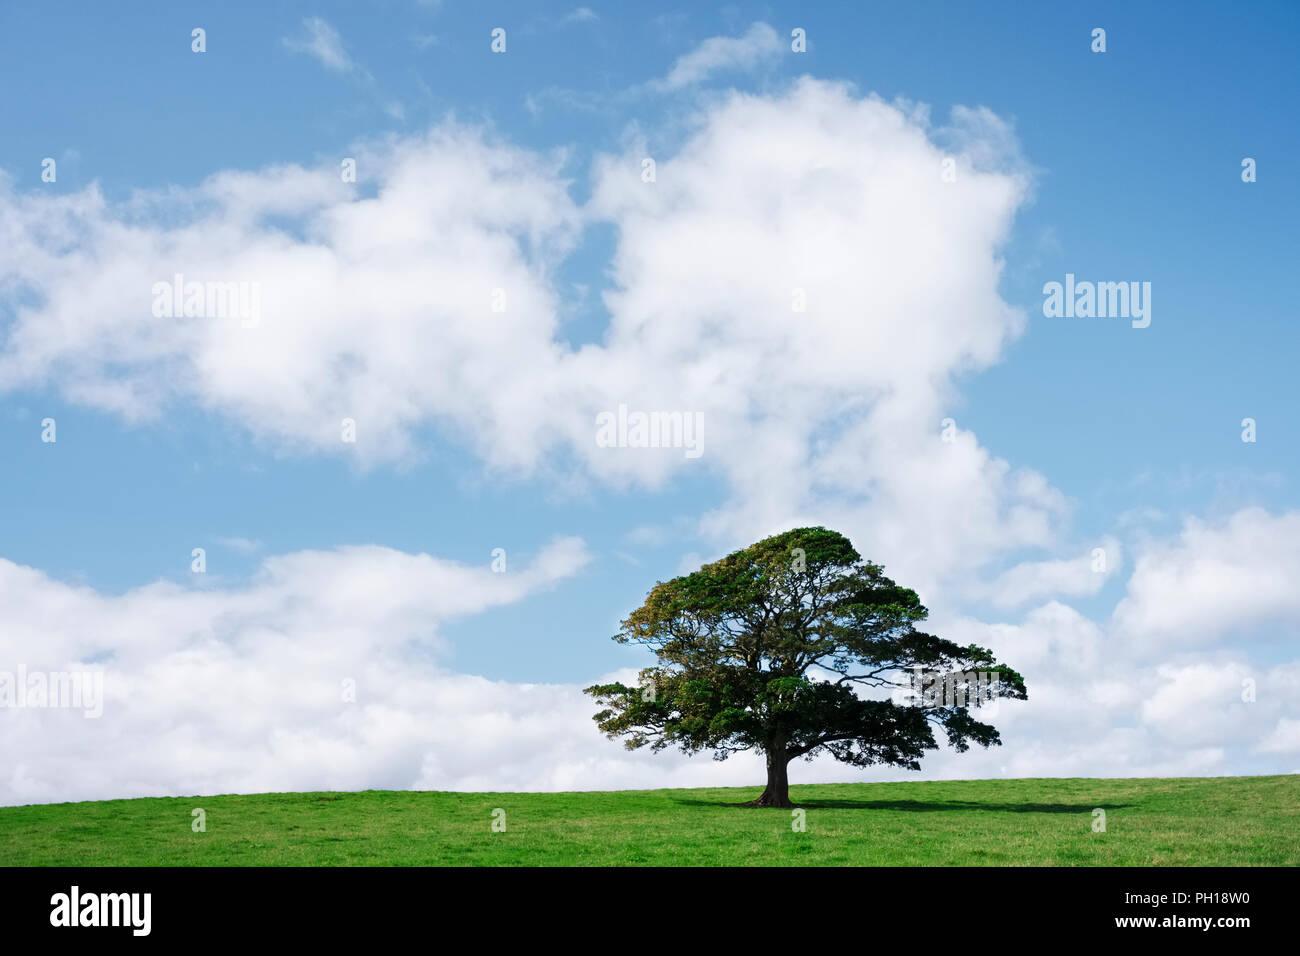 Árbol único sobre el pasto verde contra el cielo azul y las nubes Imagen De Stock